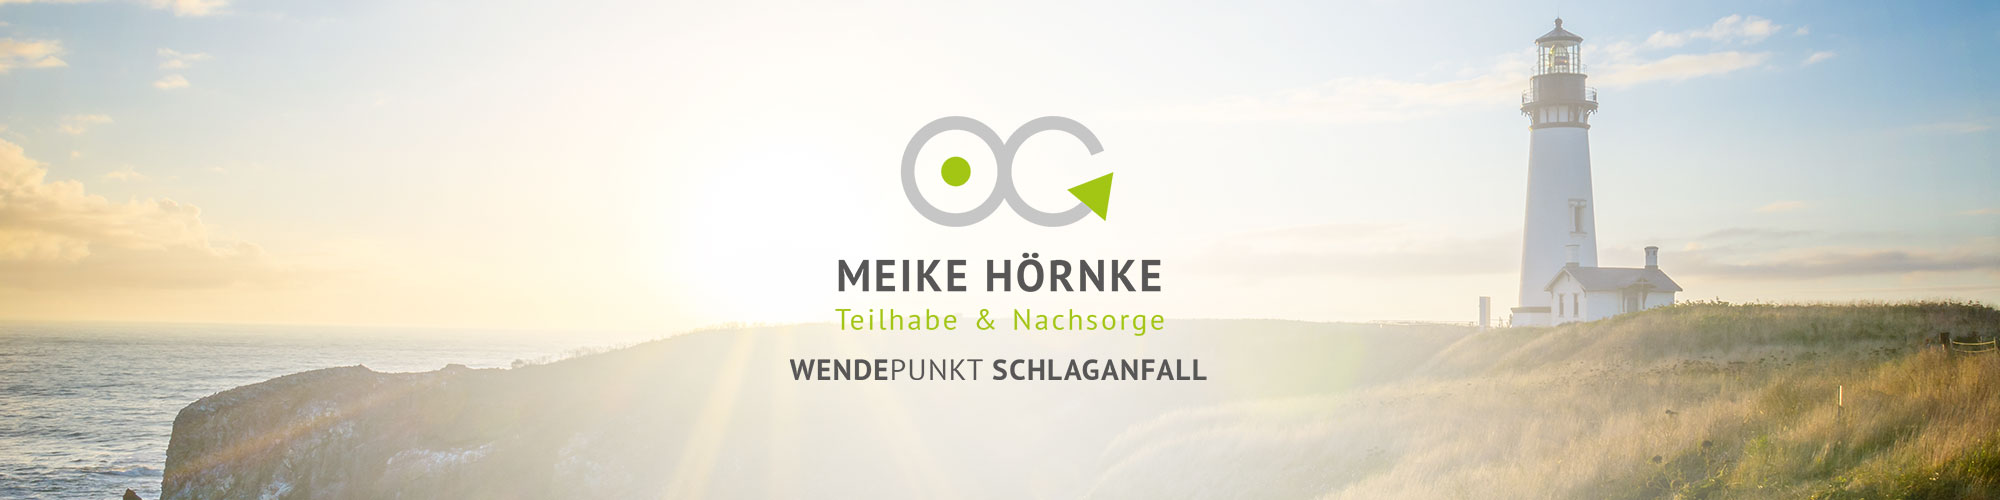 wendepunkt-schlaganfall-meike-hoernke-teilhabe-nachsorge-hilfe-praevention-vortraege-seminare-wiedereingliederung-header-lang